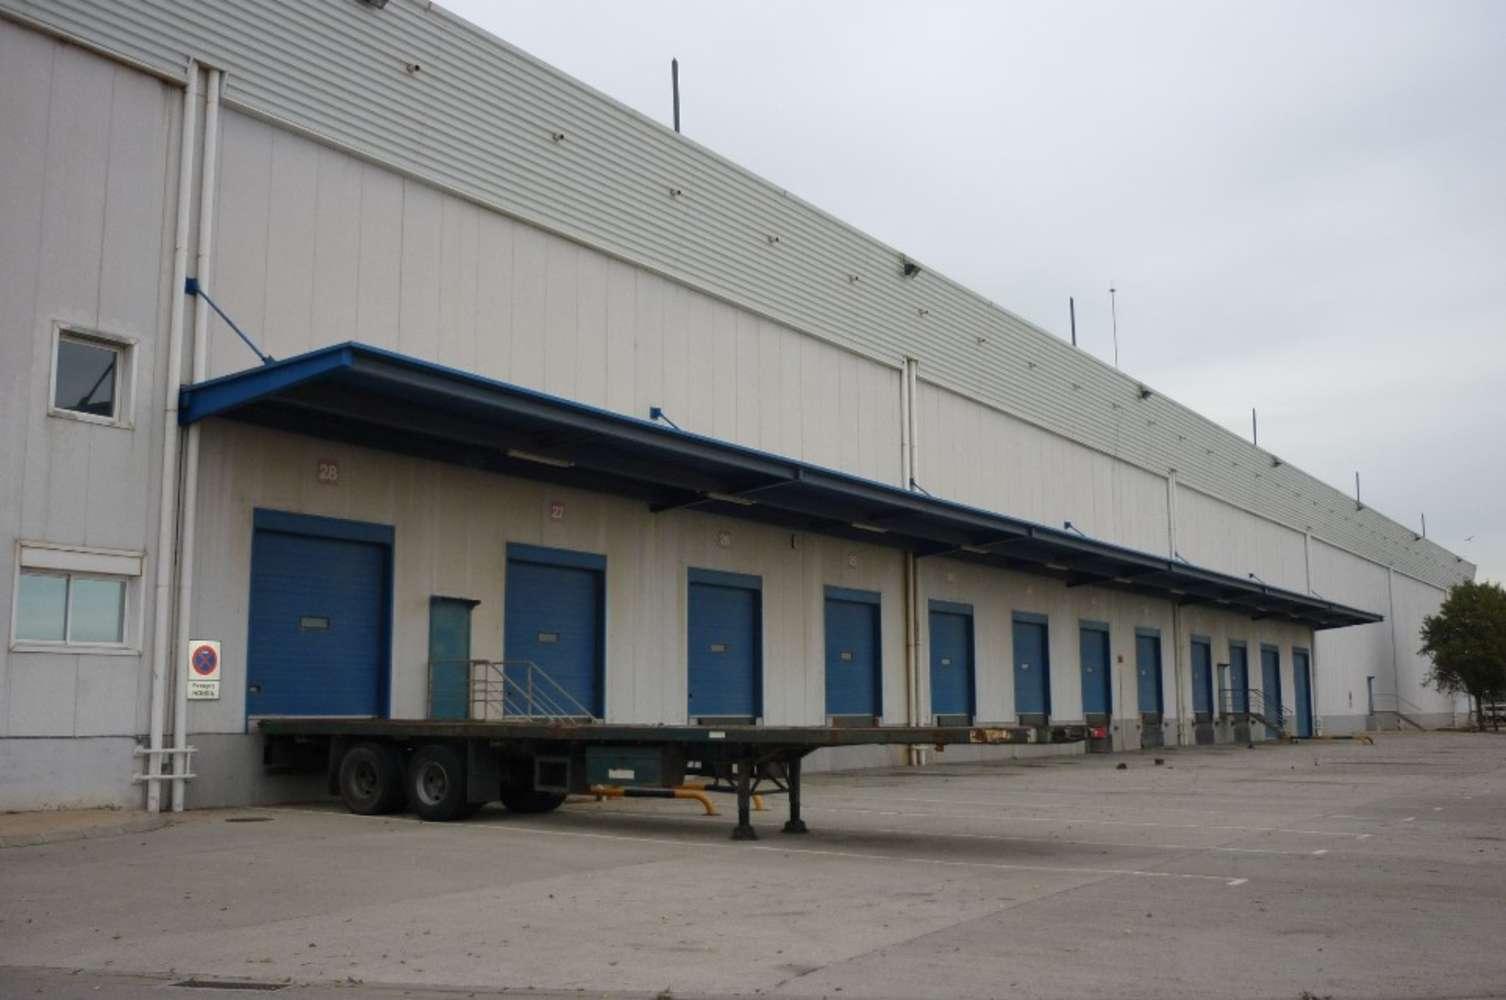 Naves industriales y logísticas Barcelona, 08040 - Nave Logística - B0047 - ZAL I PUERTO DE BARCELONA - 3333